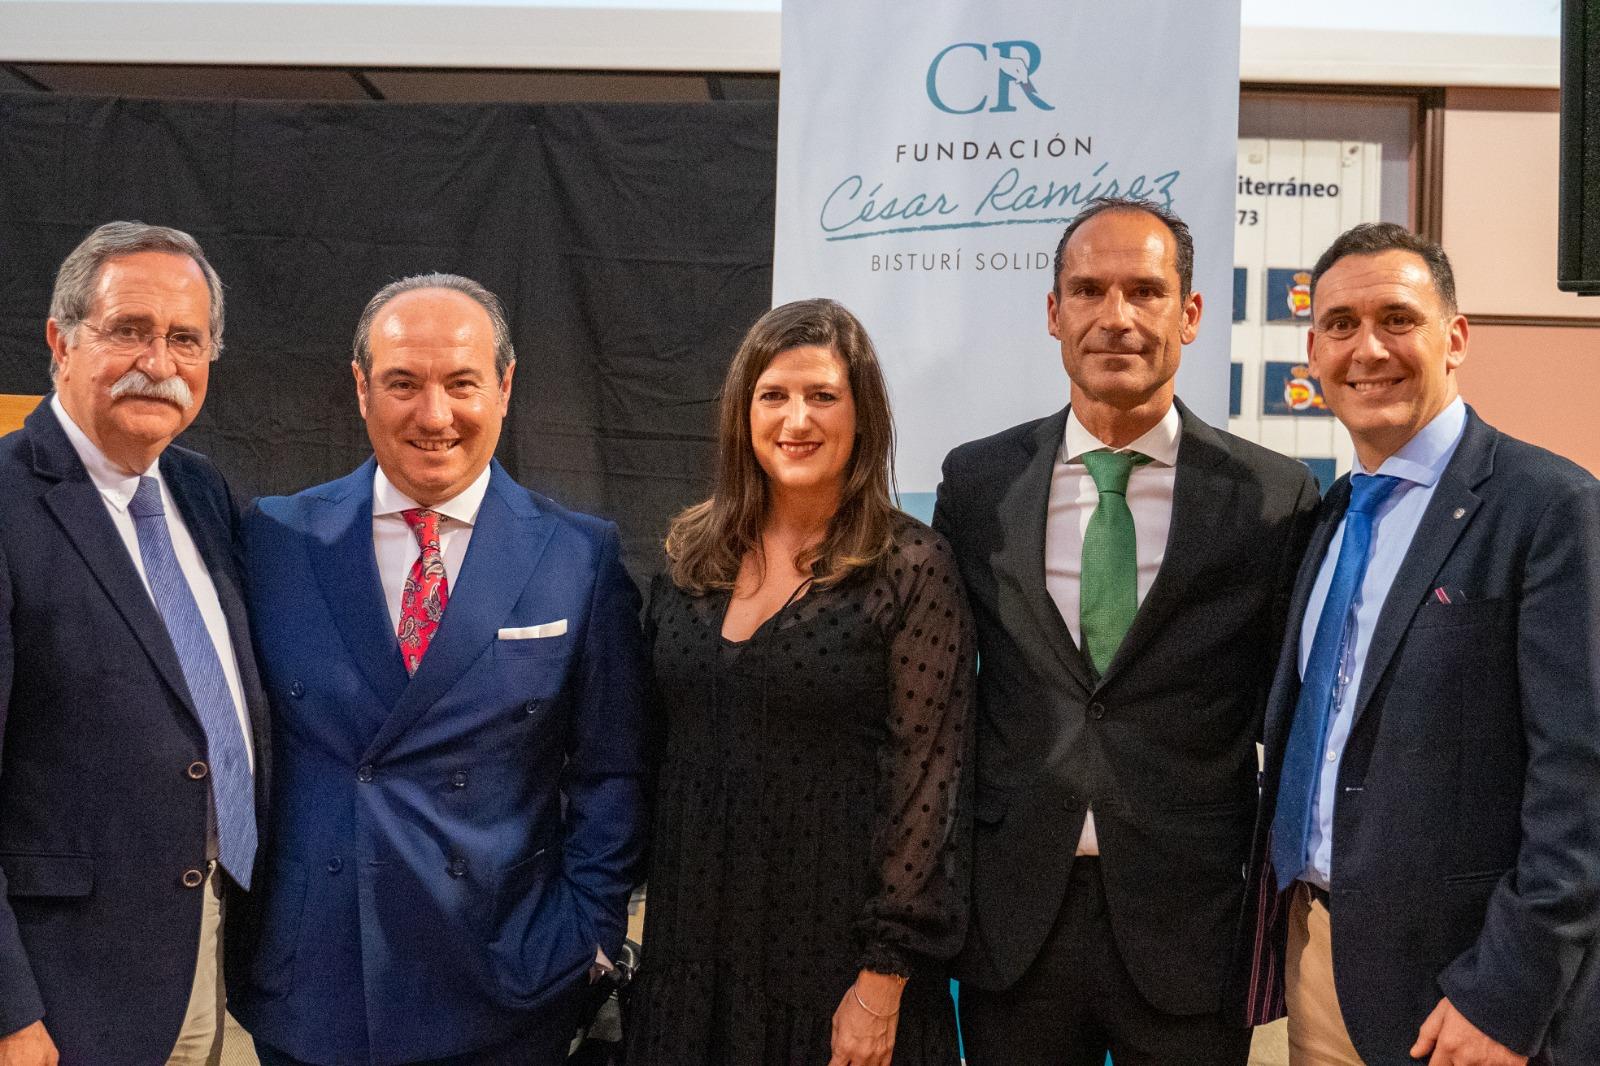 Fundación Unicaja y Fundación César Ramírez Bisturí Solidario